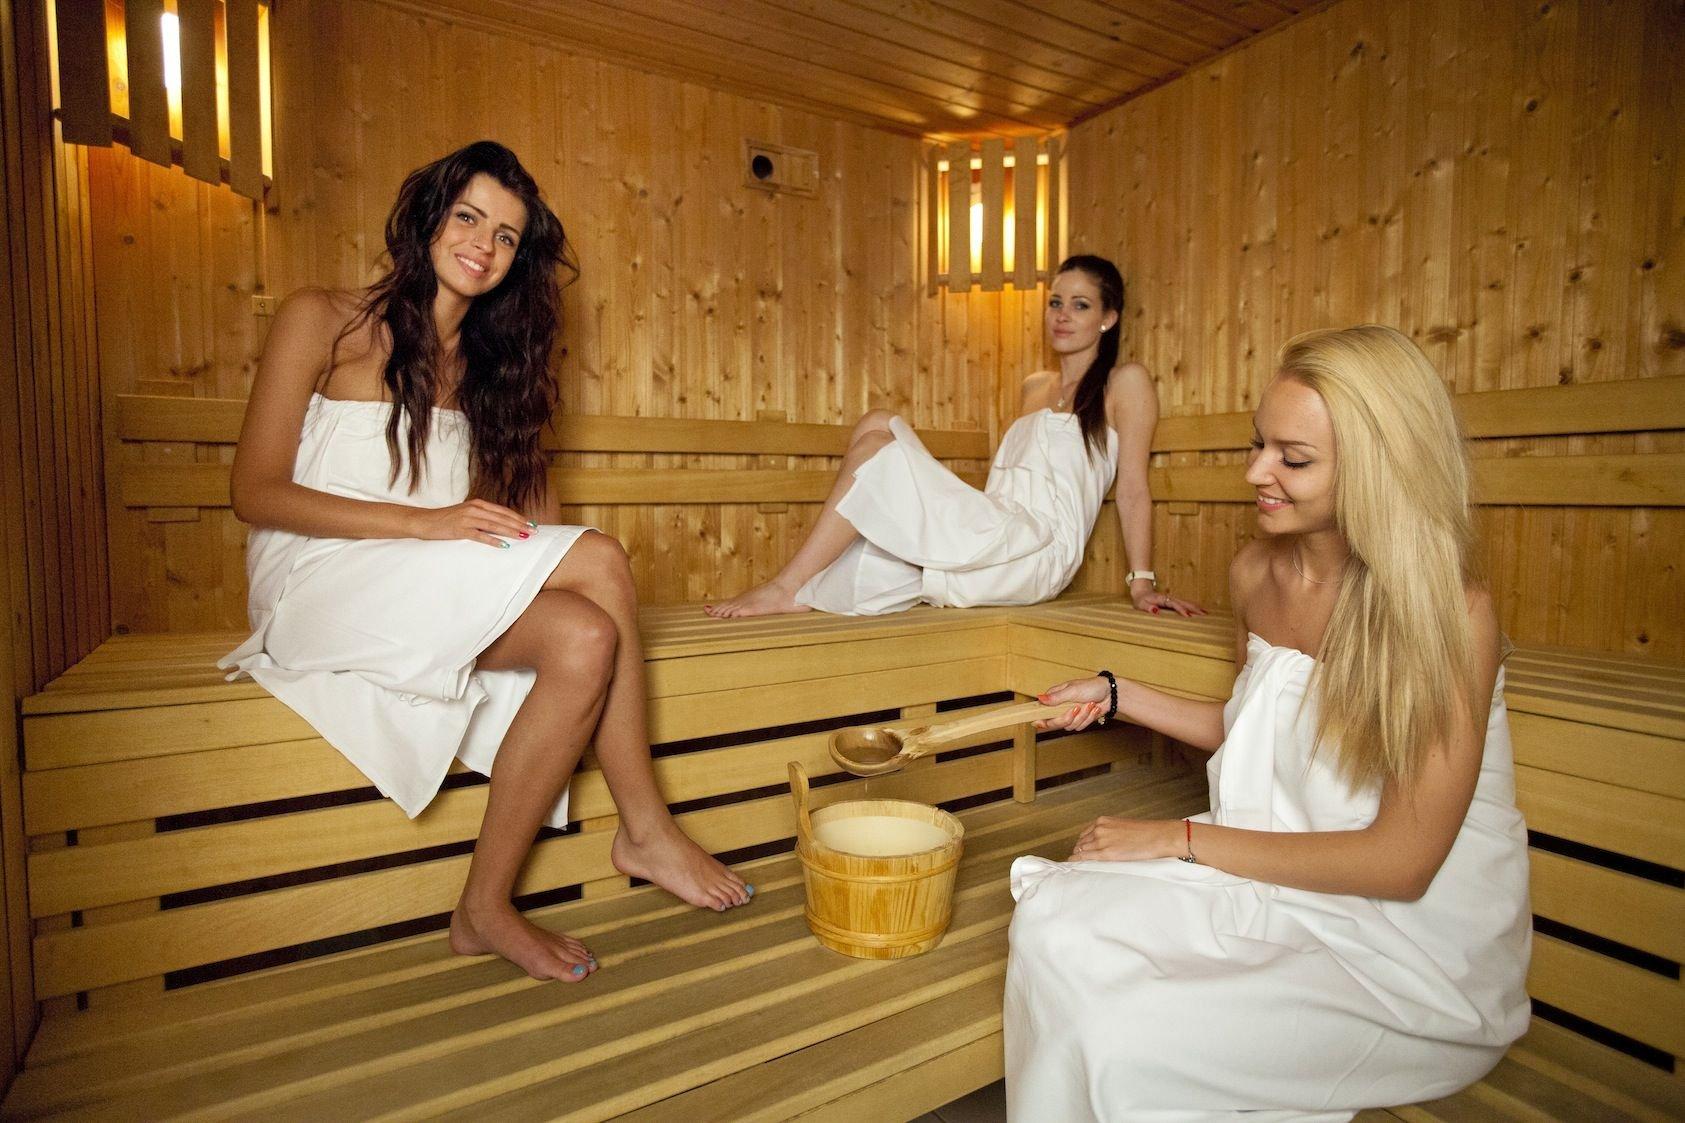 Российские звезды в бане - экспресс газета